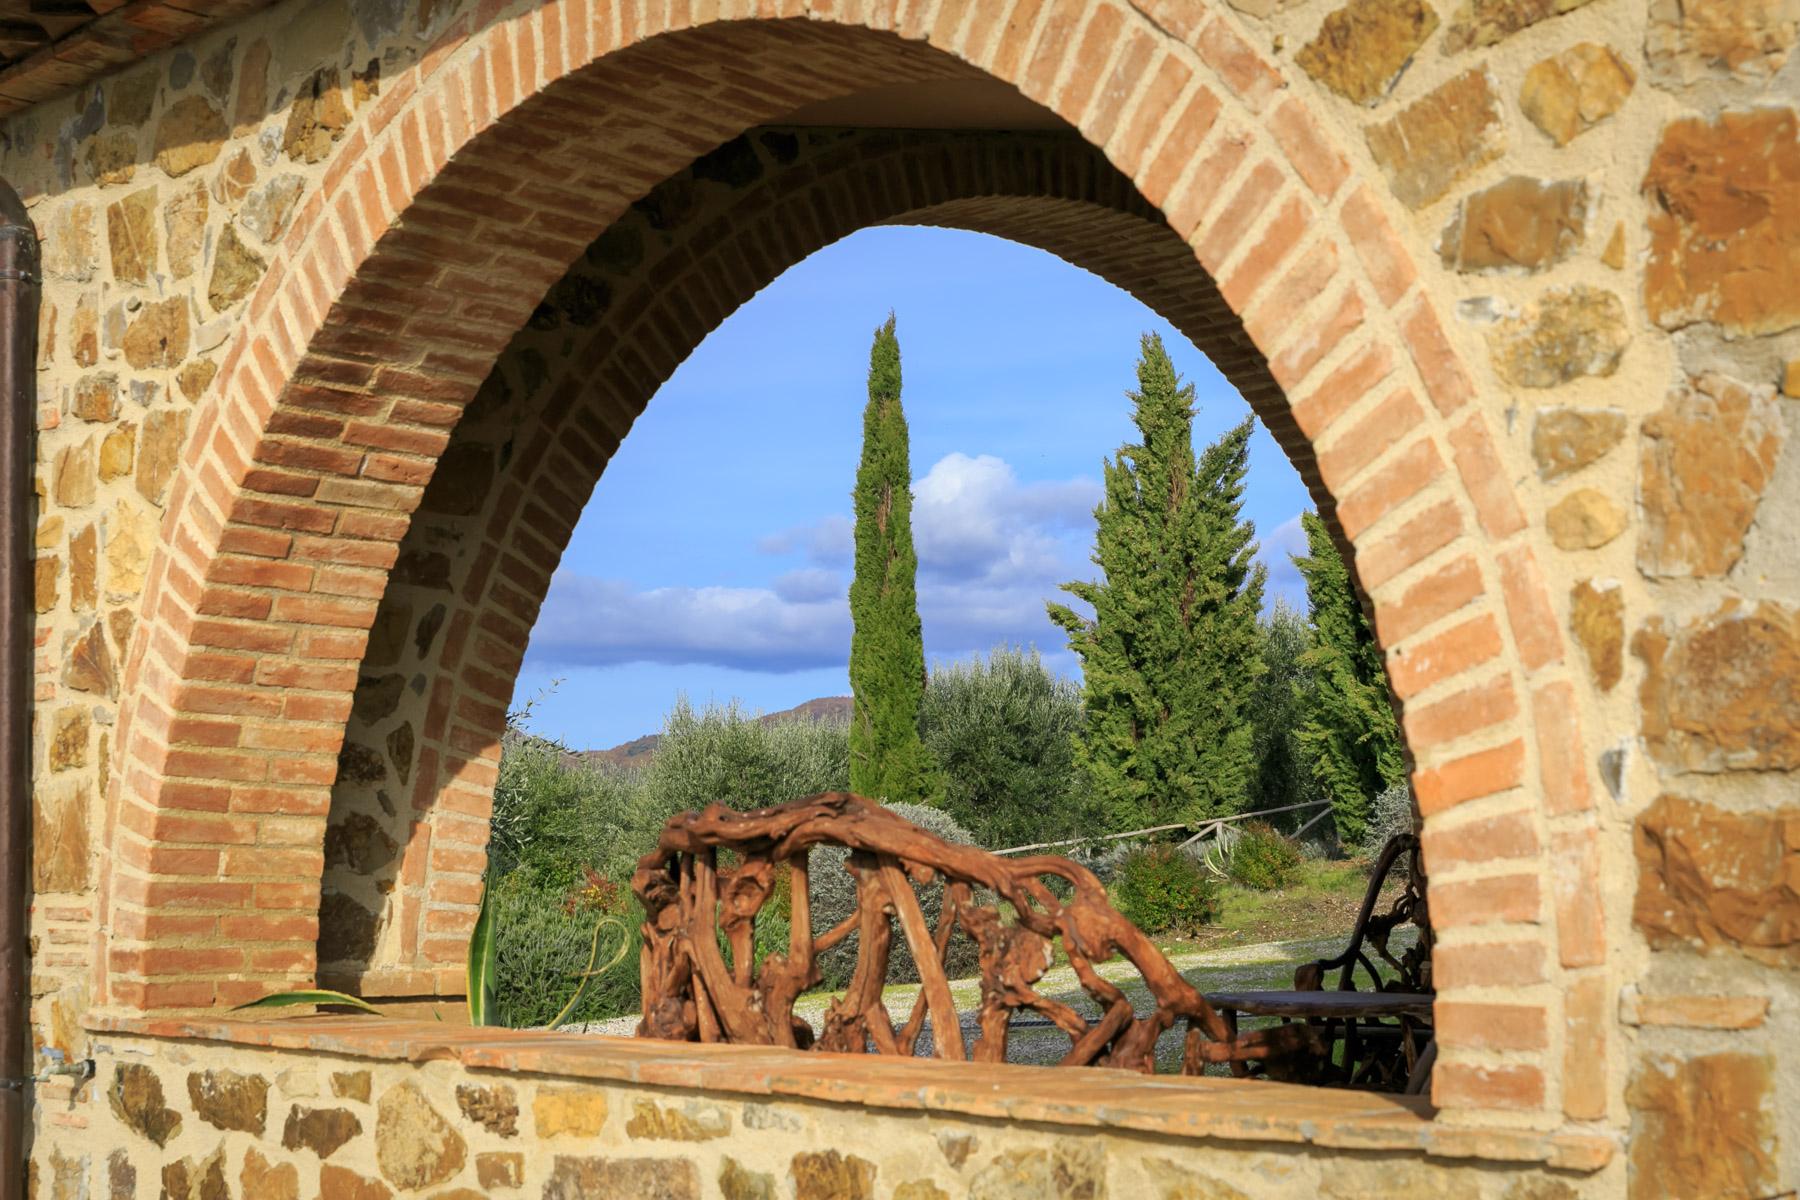 Rustico in Vendita a Manciano: 5 locali, 500 mq - Foto 15